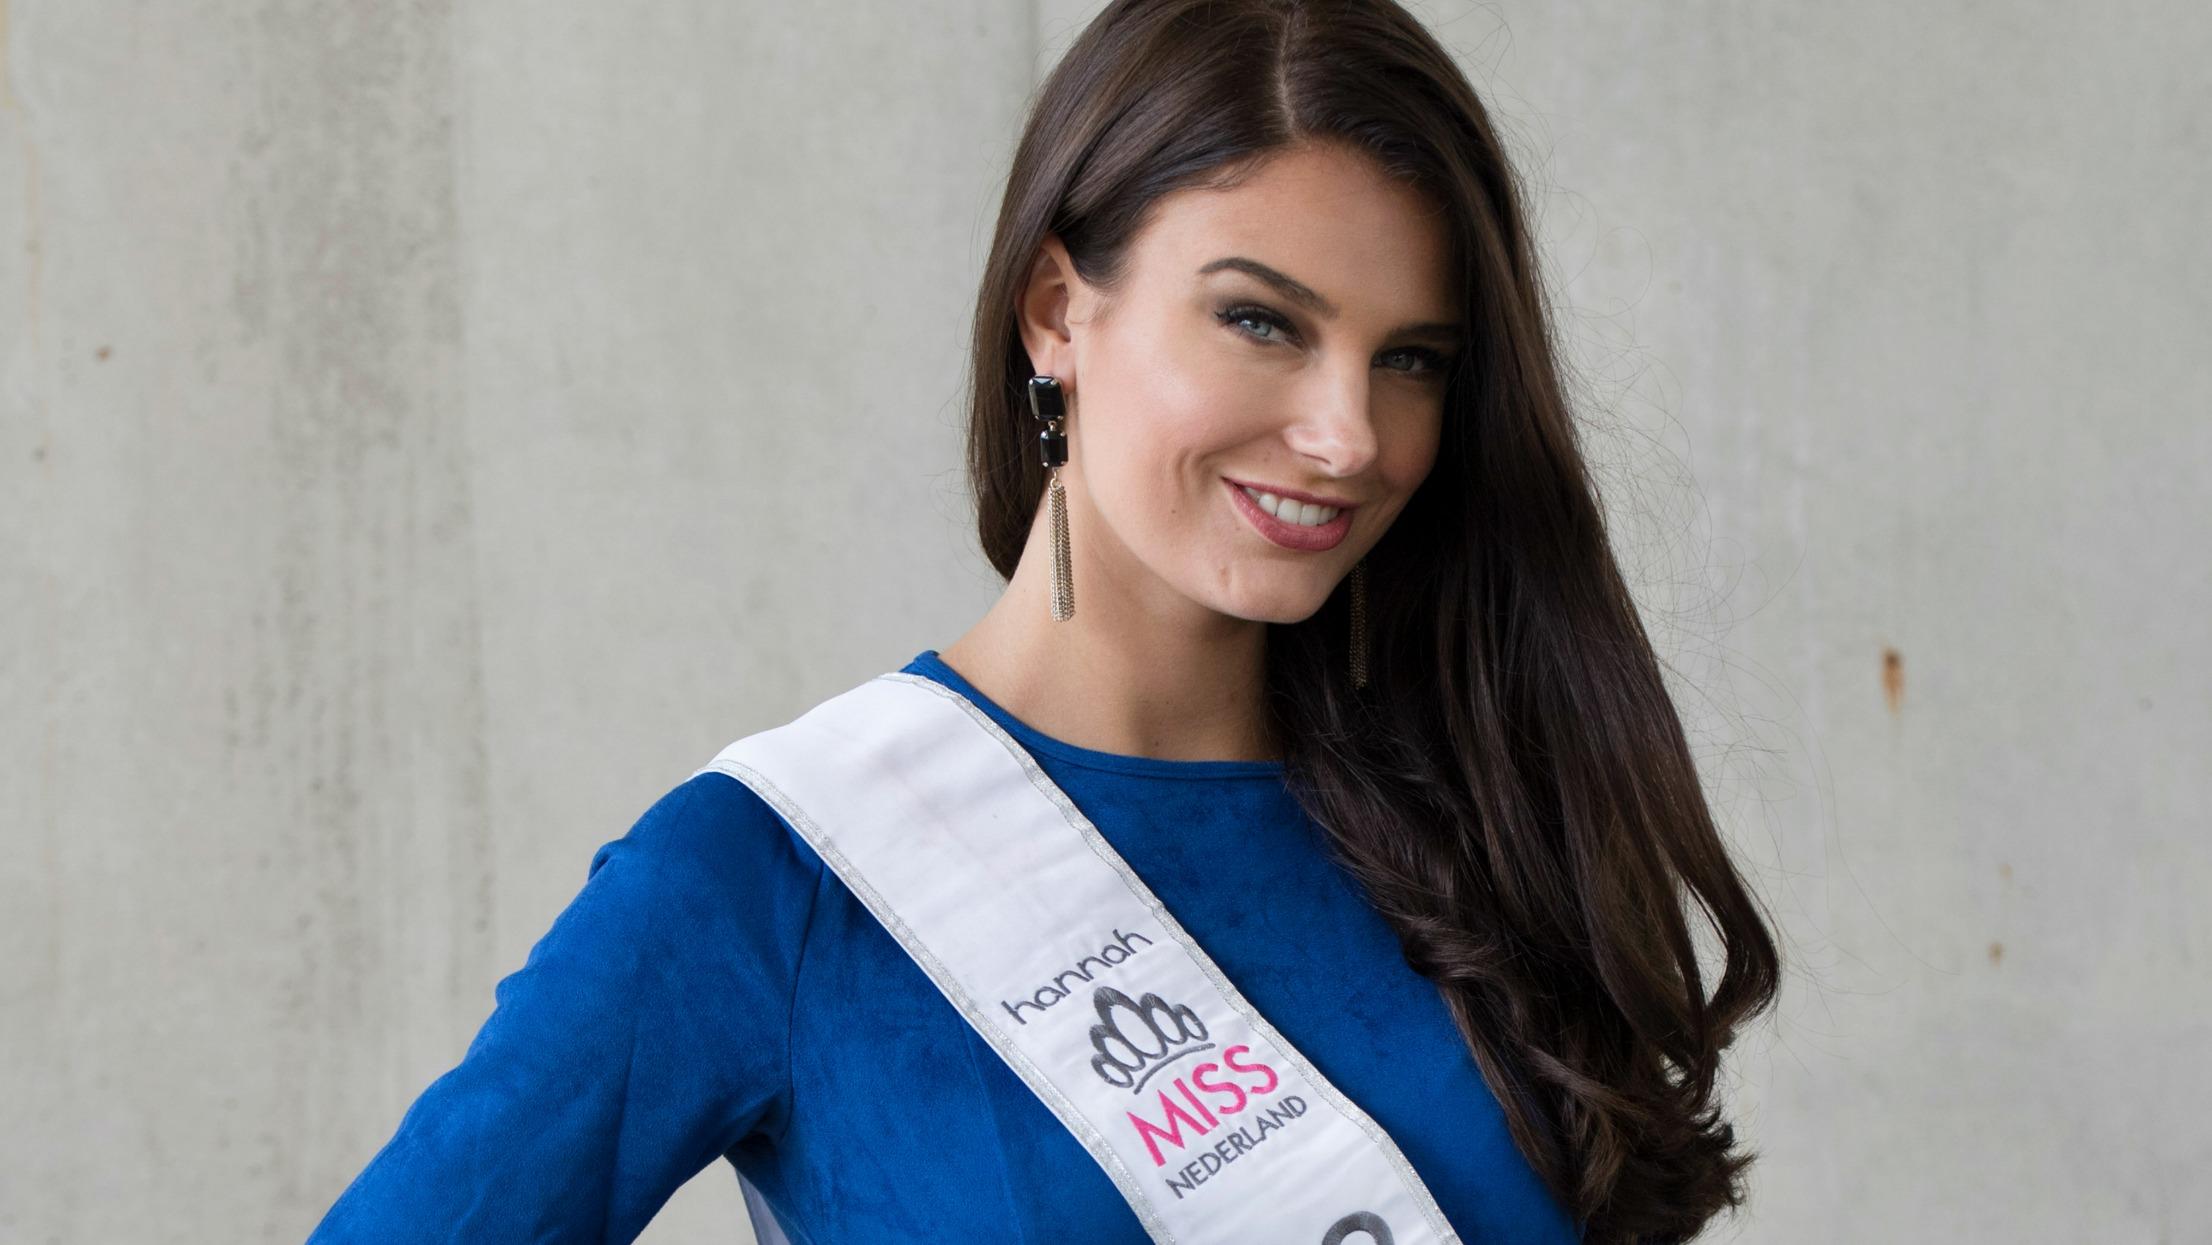 De mooiste vrouwen van Nederland over schoonheid